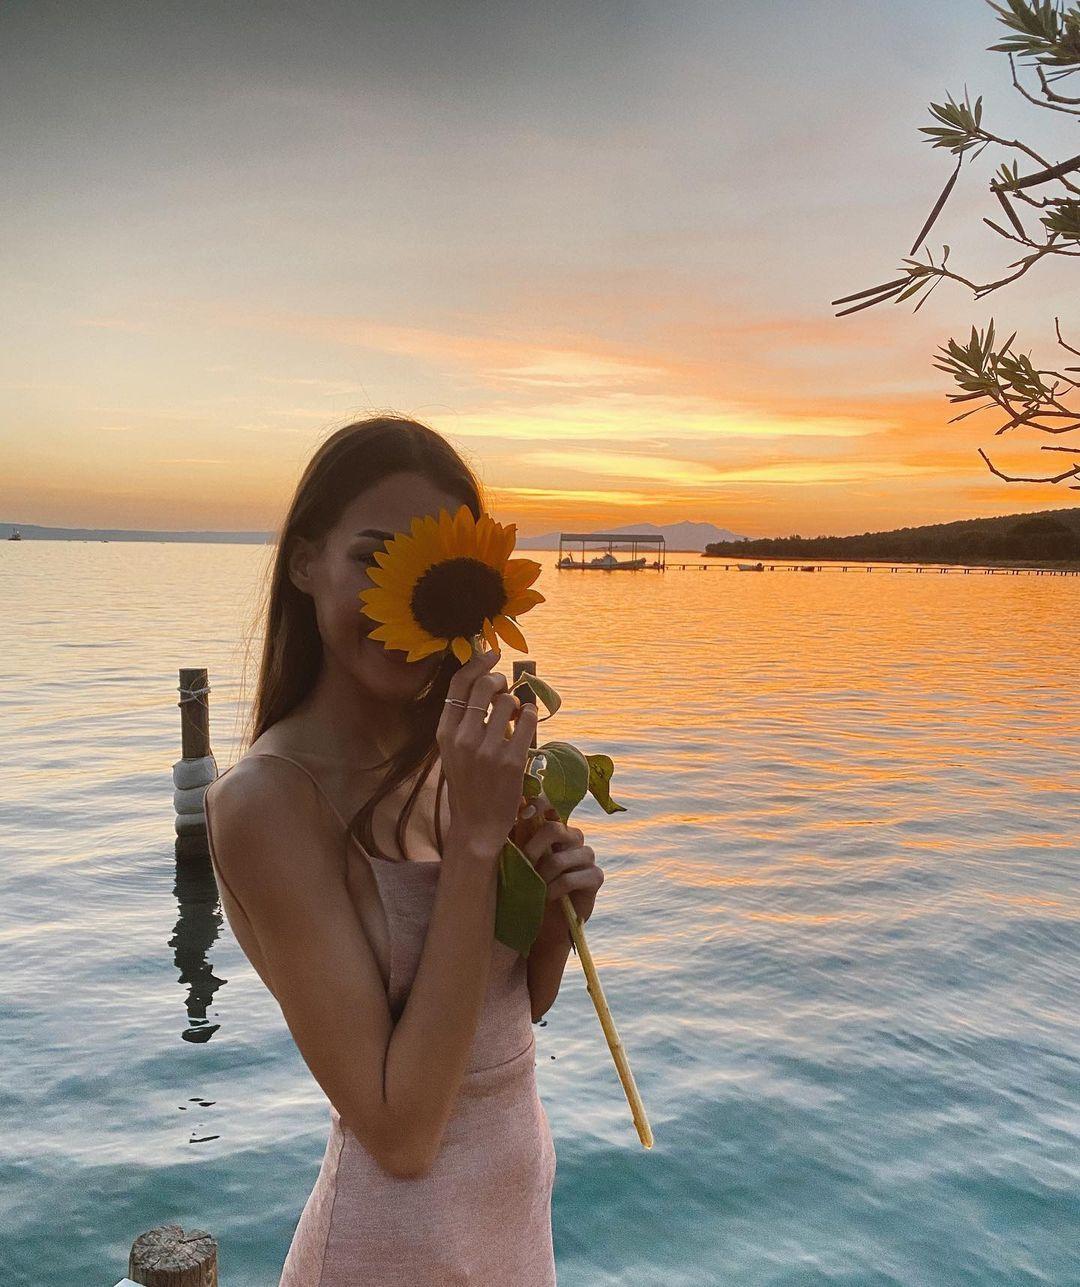 Alev Alev dizisinin Rüya'sı Dilan Çiçek Deniz Instagram hesabından bu fotoğrafı paylaştı - Sayfa 4